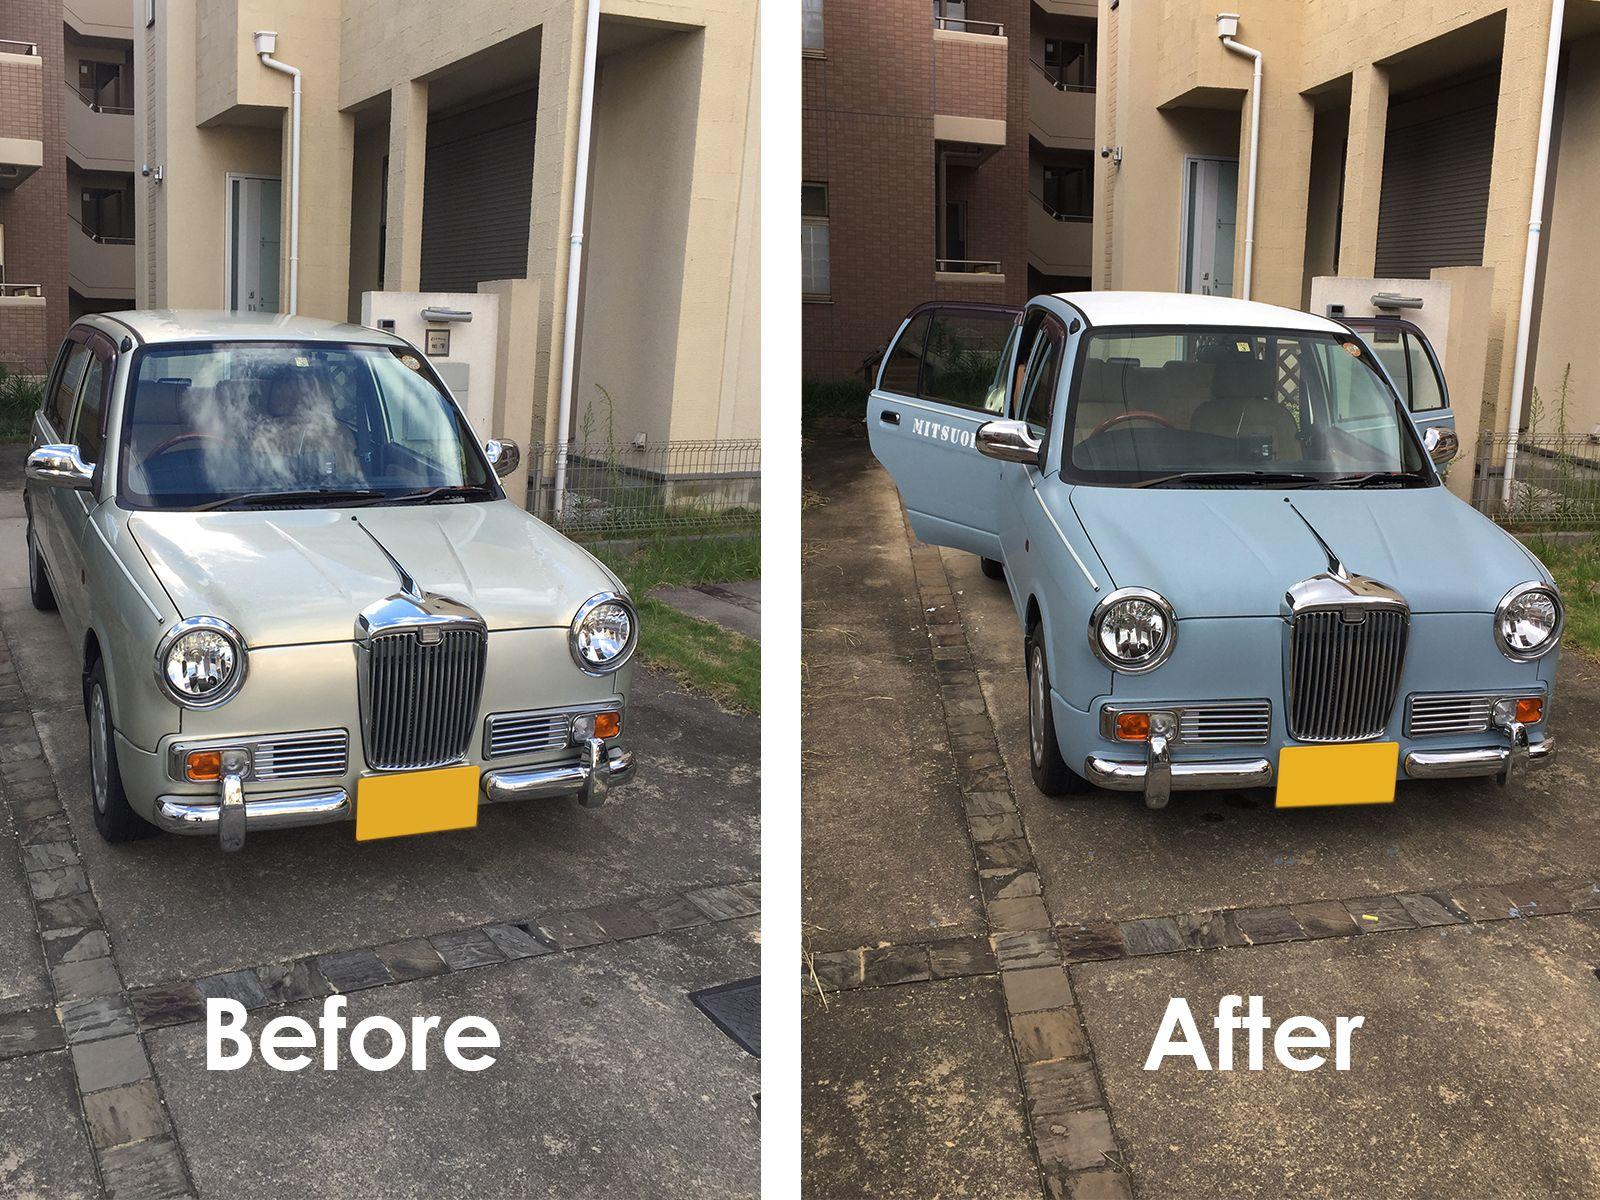 光岡 Rayを世田谷ベースカラーで刷毛塗り全塗装 世田谷ベース ミラジーノ 車 塗装